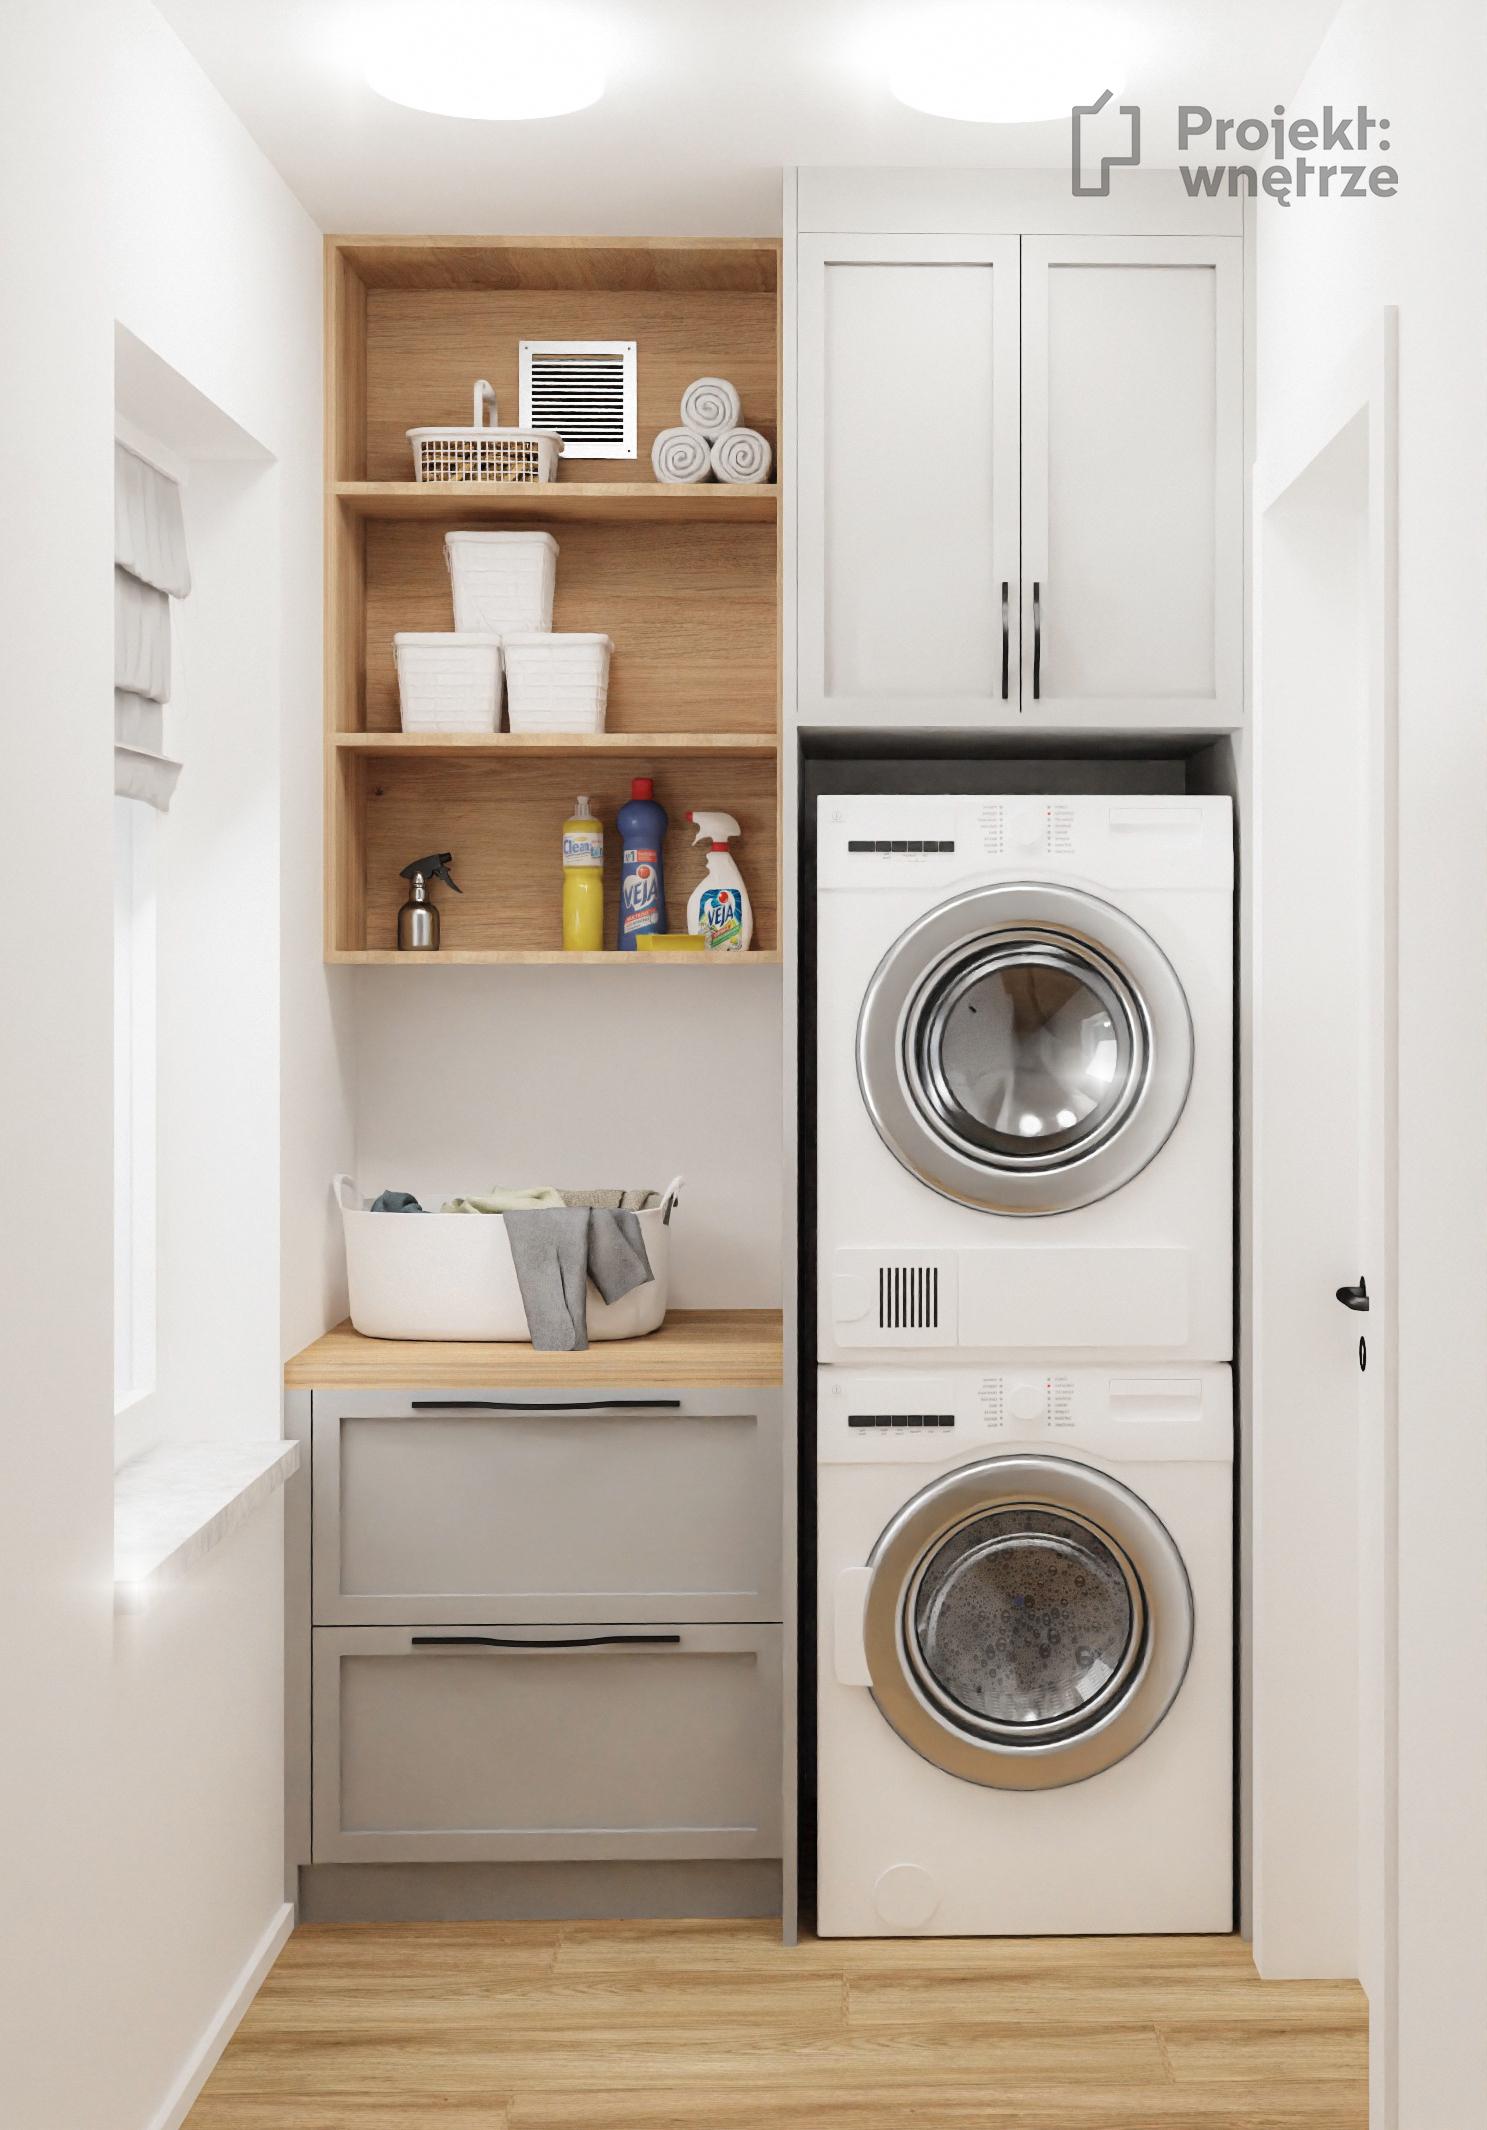 Projekt wnętrze - projekt pralni w domu - Arcana Miscela-R Nacar - płytka lastryko 80 x 80 szarość drewno dąb - zabudowa pralki i suszarki, kosze na bieliznę, umywalka - Projektowanie wnętrz Warszawa online